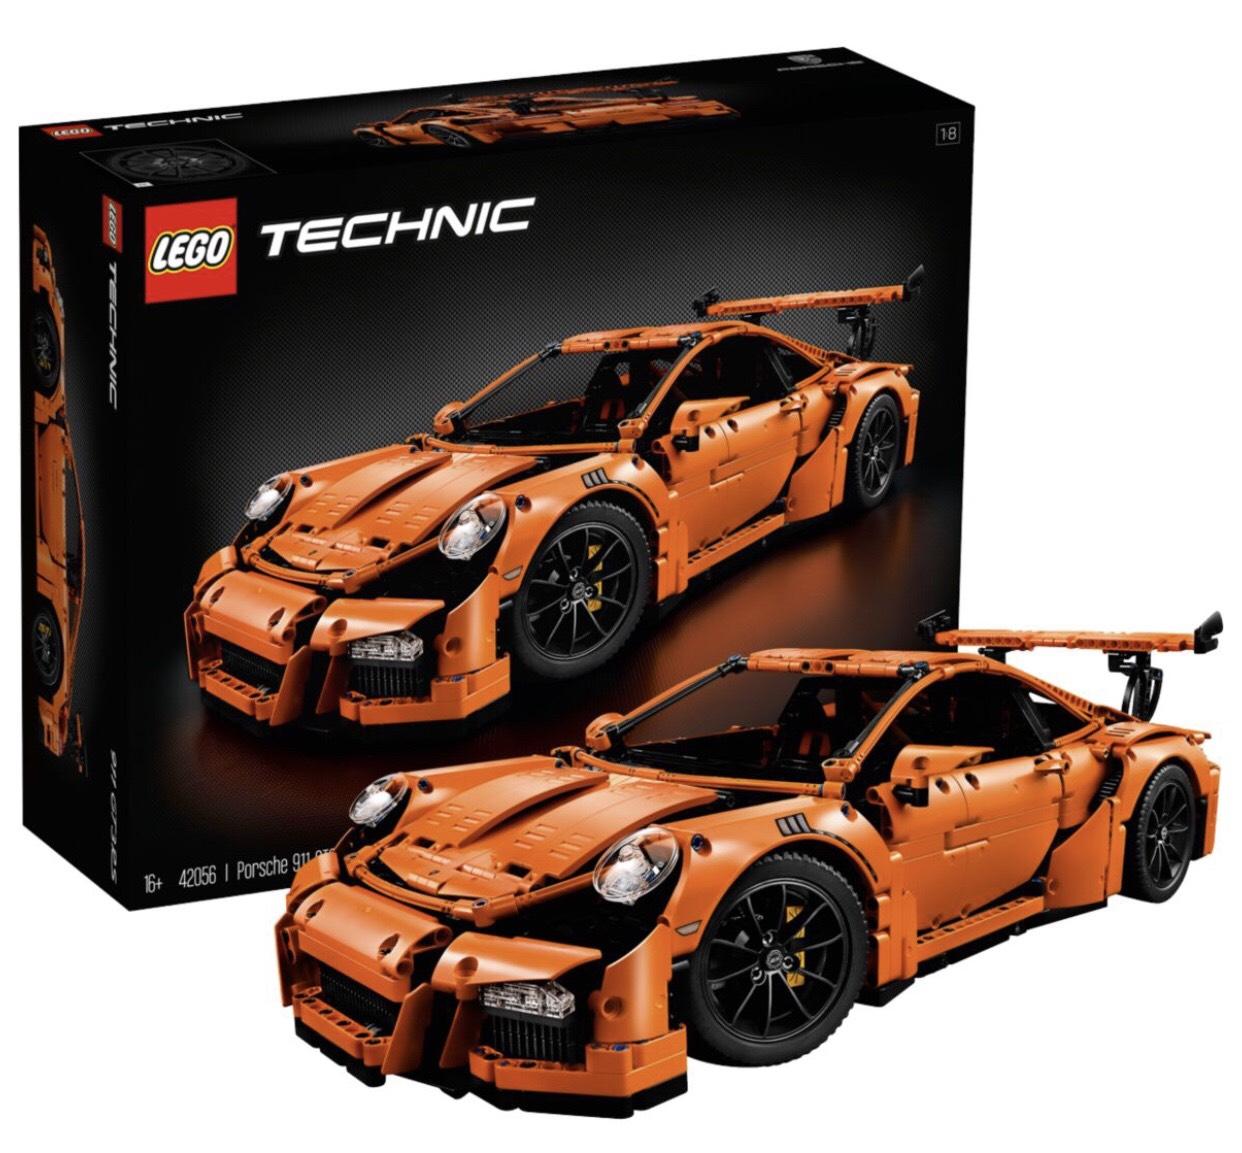 MyToys Sammeldeal für Lego z.B 42056 für 199,56 ink Versandt